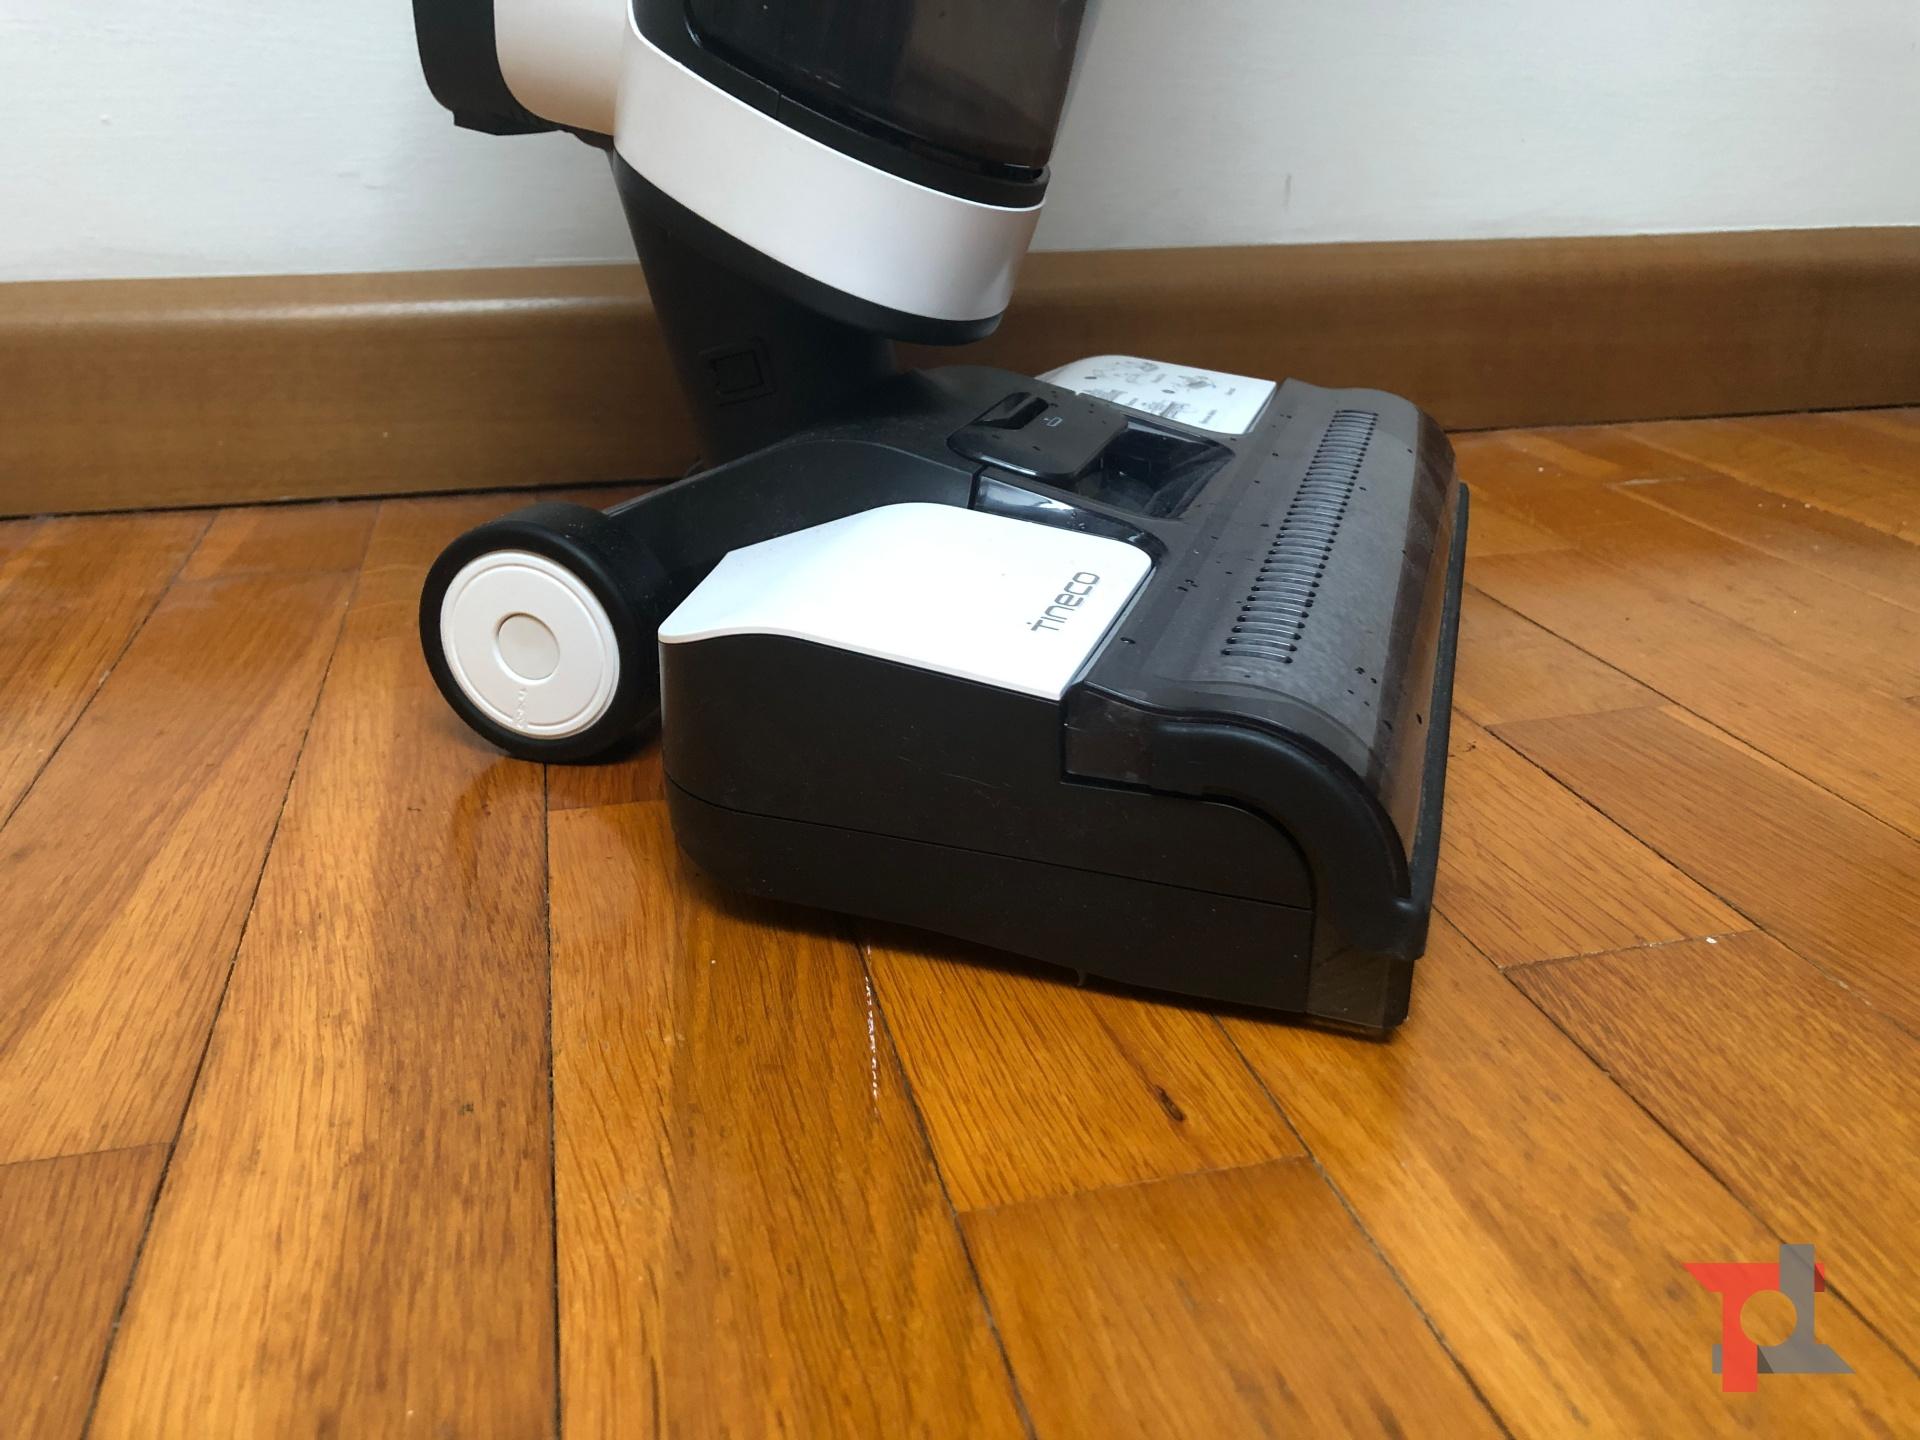 Recensione Tineco Floor One S3, un lavapavimenti con intelligenza artificiale 9